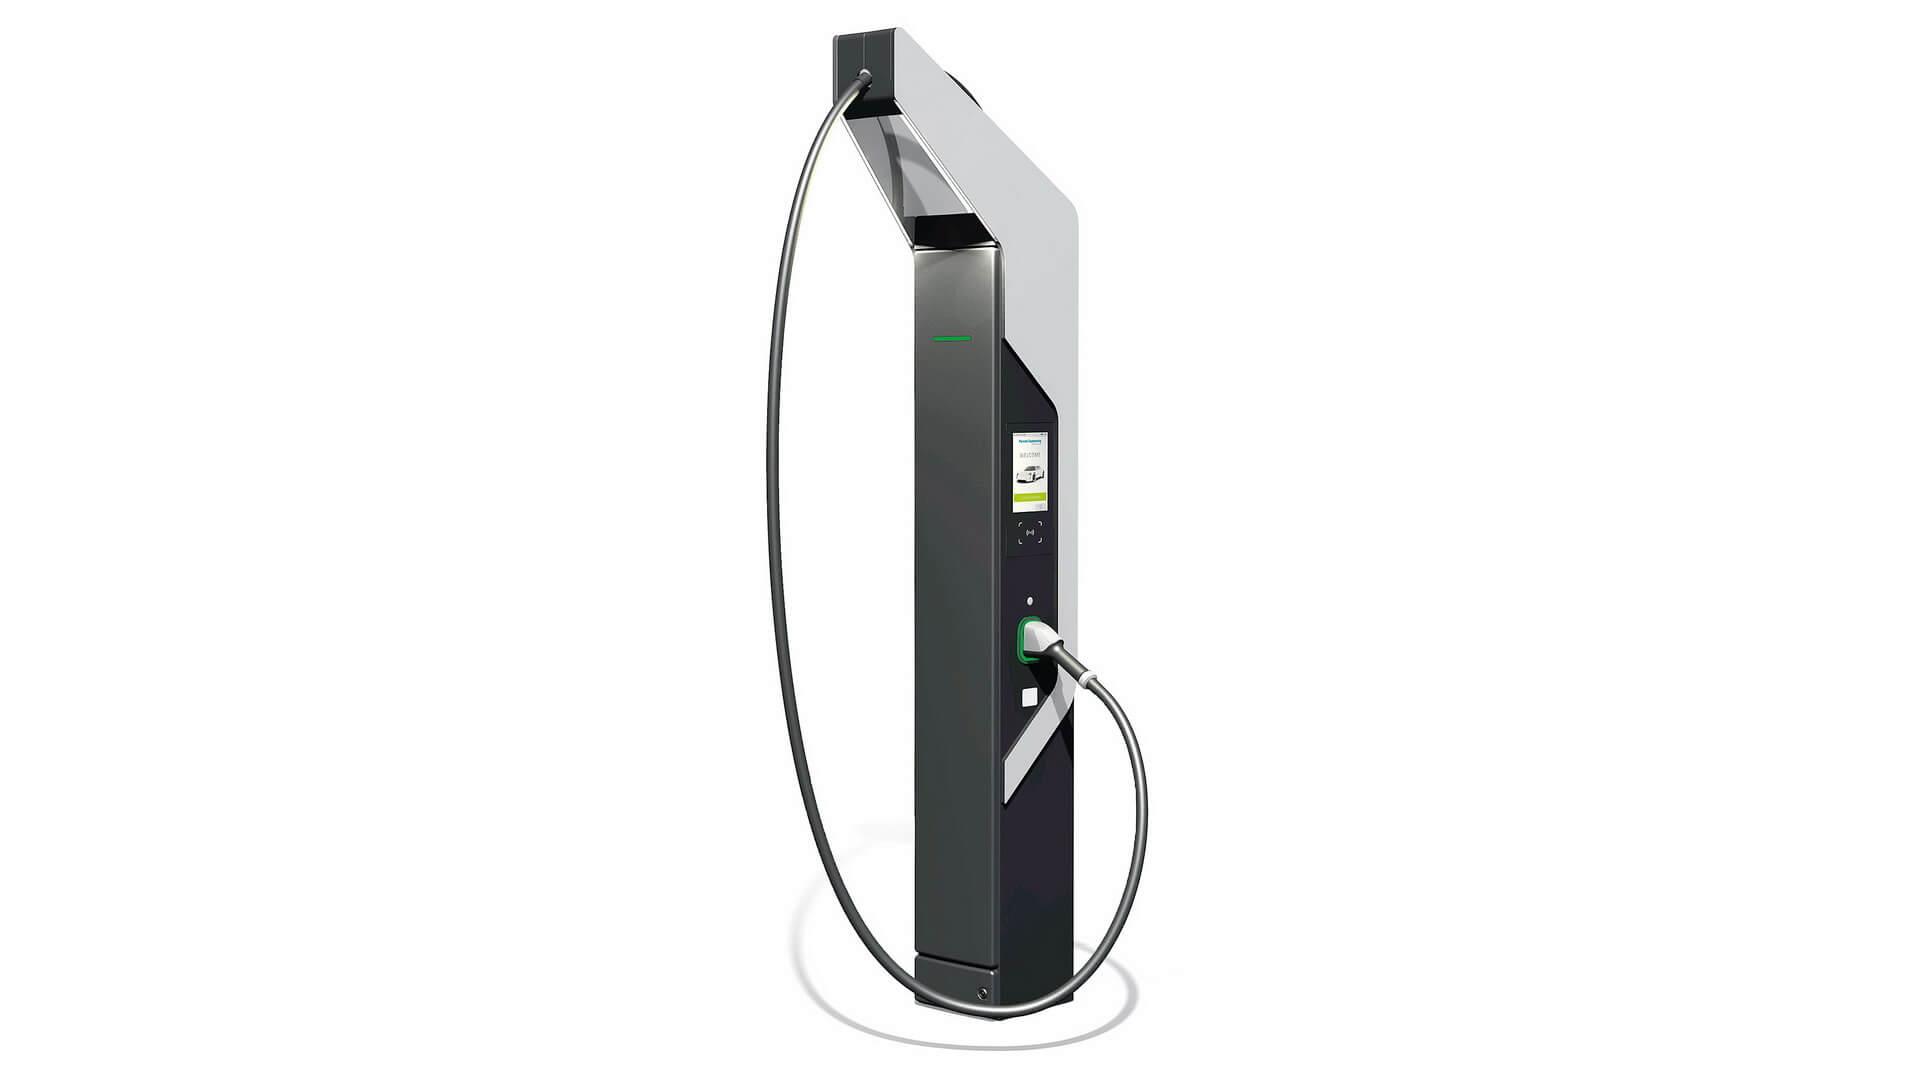 Концепция зарядки от Porsche, позволяет электромобилям заряжаться всего за 20 минут